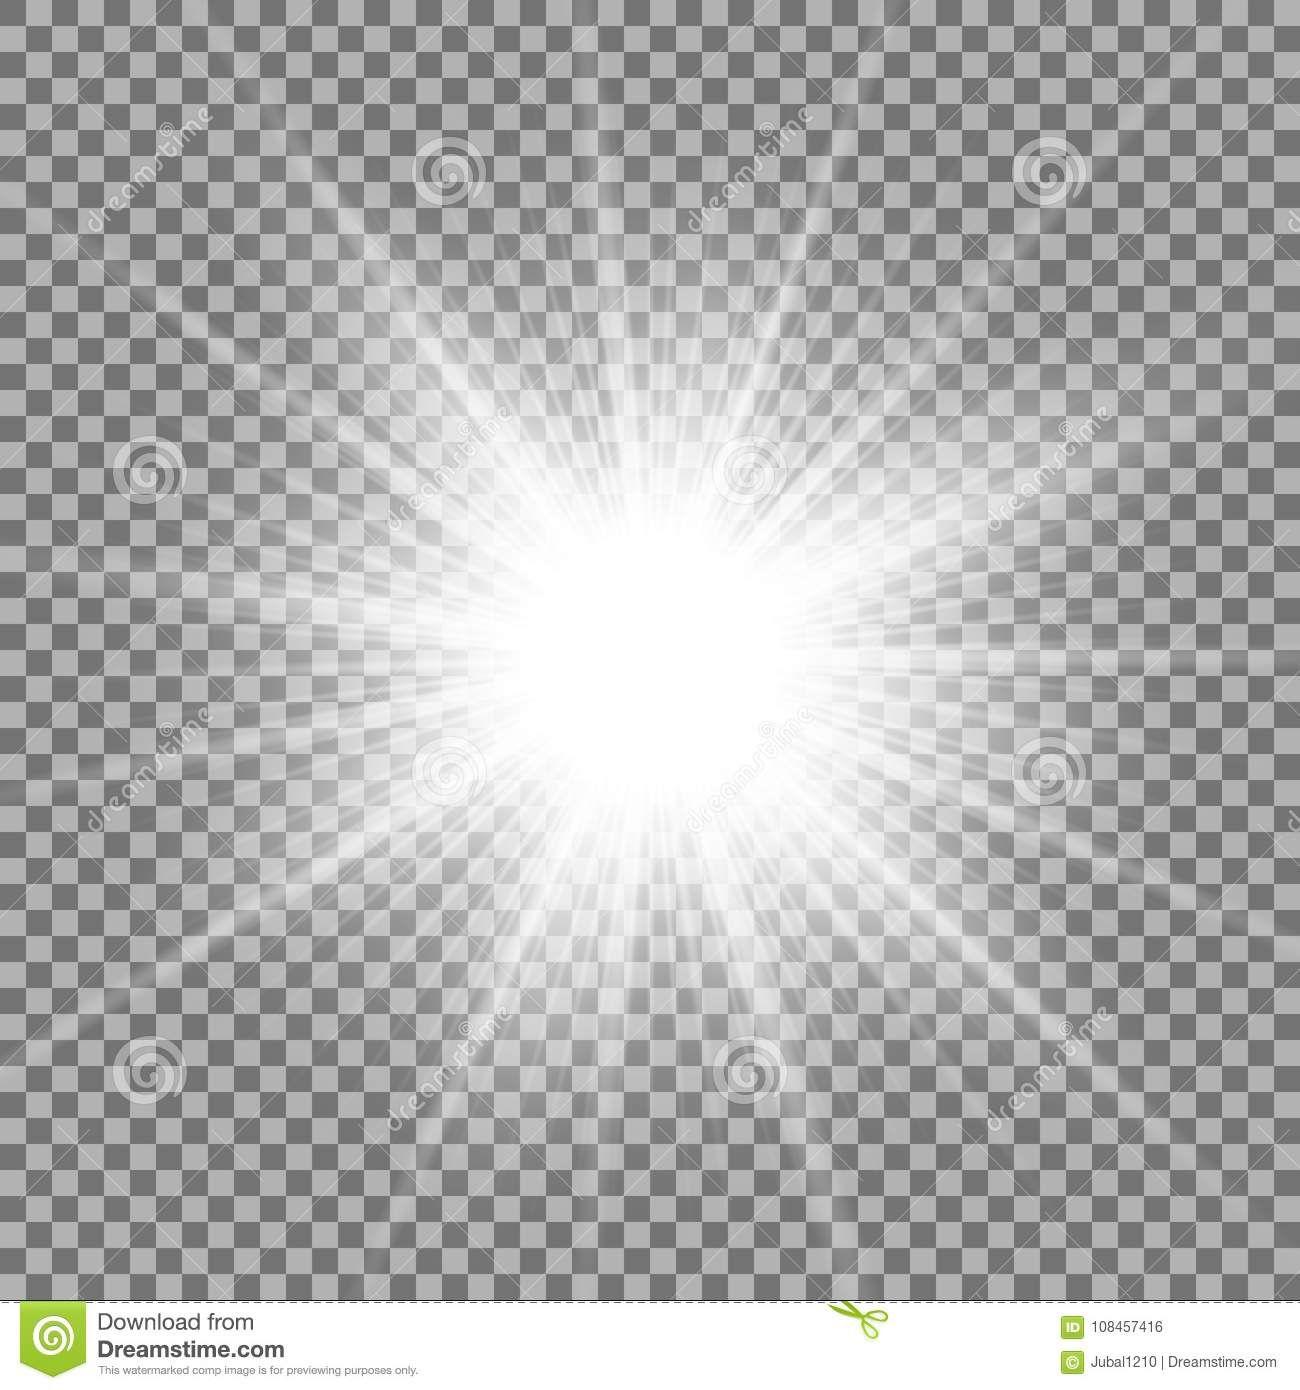 Estrela De Brilho No Fundo Transparente Cor Branca Ilustracao Do Vetor Ilustracao De Prata Lente 108457416 Estrela Efeito De Luz Fundo De Brilho